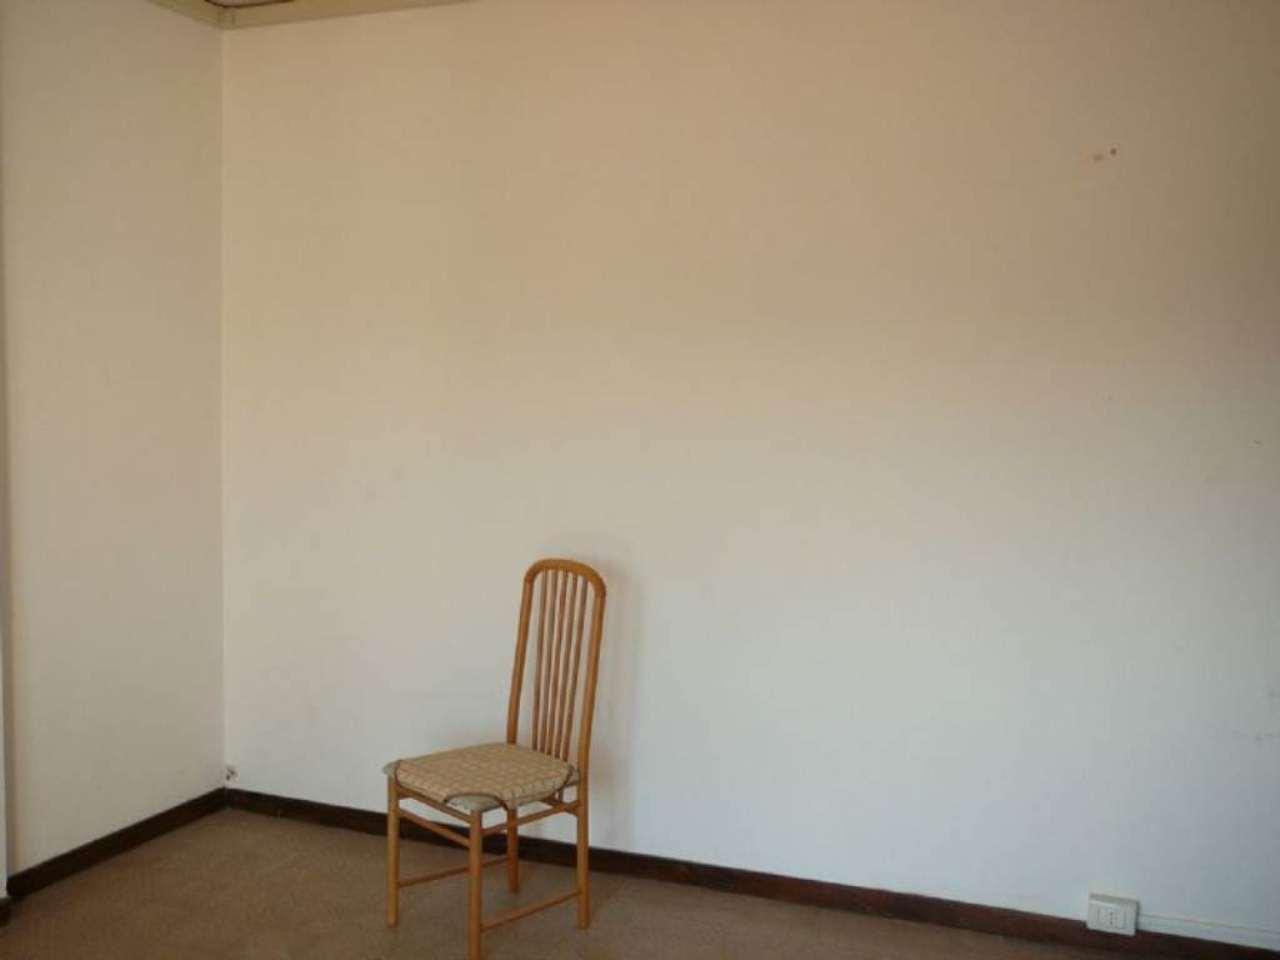 Bilocale Casale Monferrato Via Pagliano 4